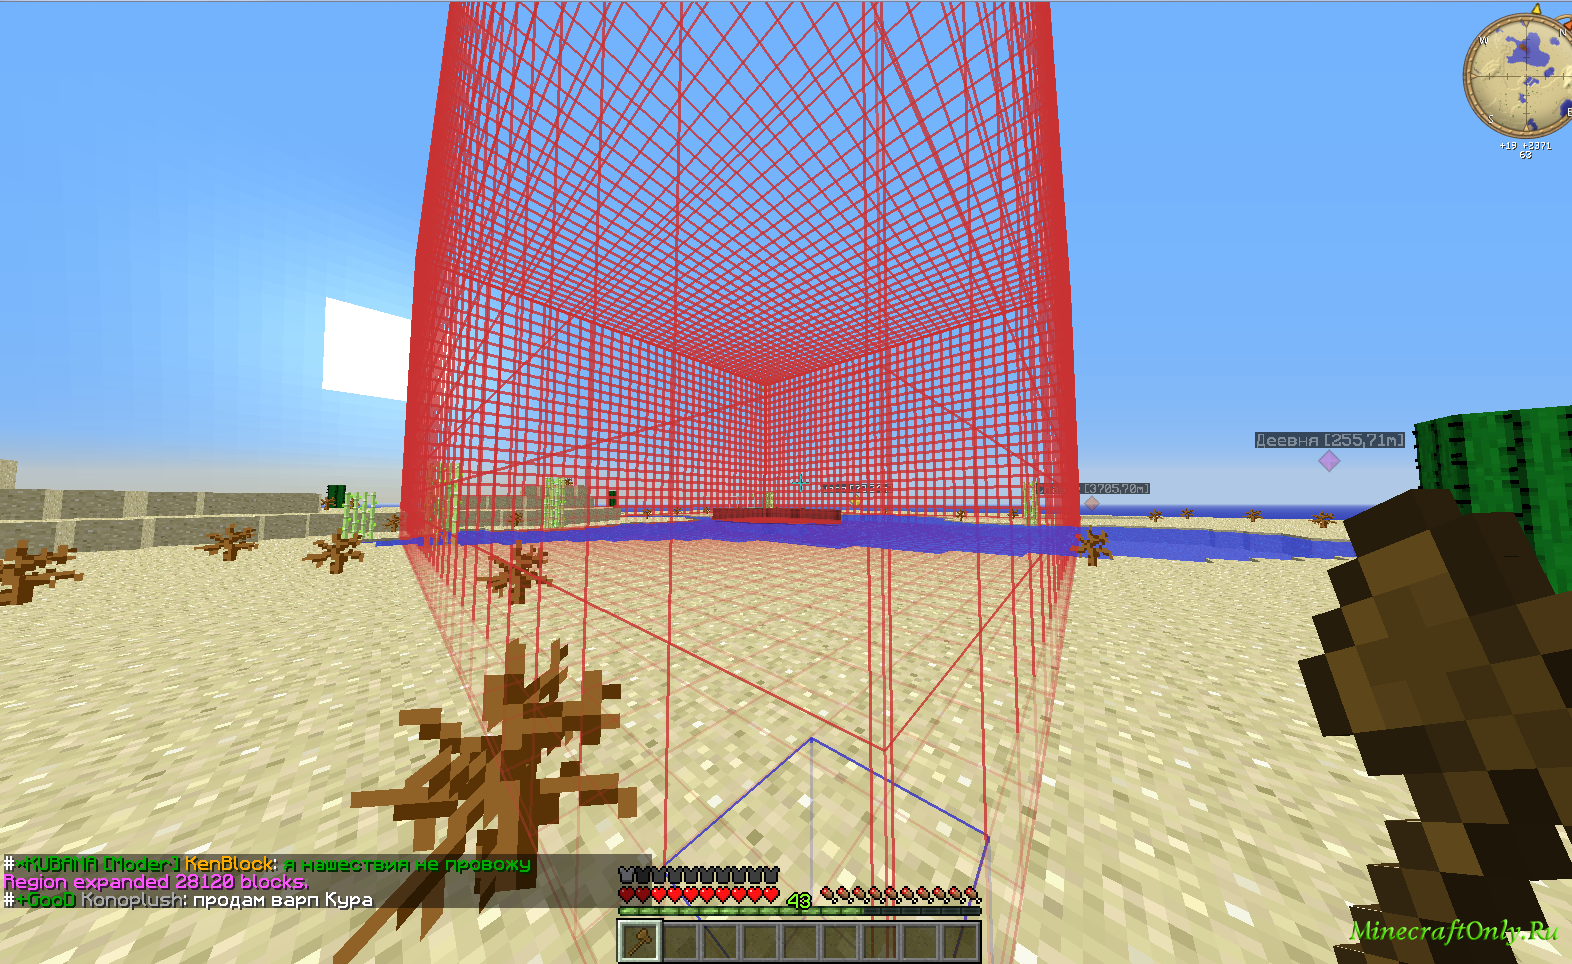 Как заприватить территорию в minecraft 1.8.7/1.8/1.7.2 ...